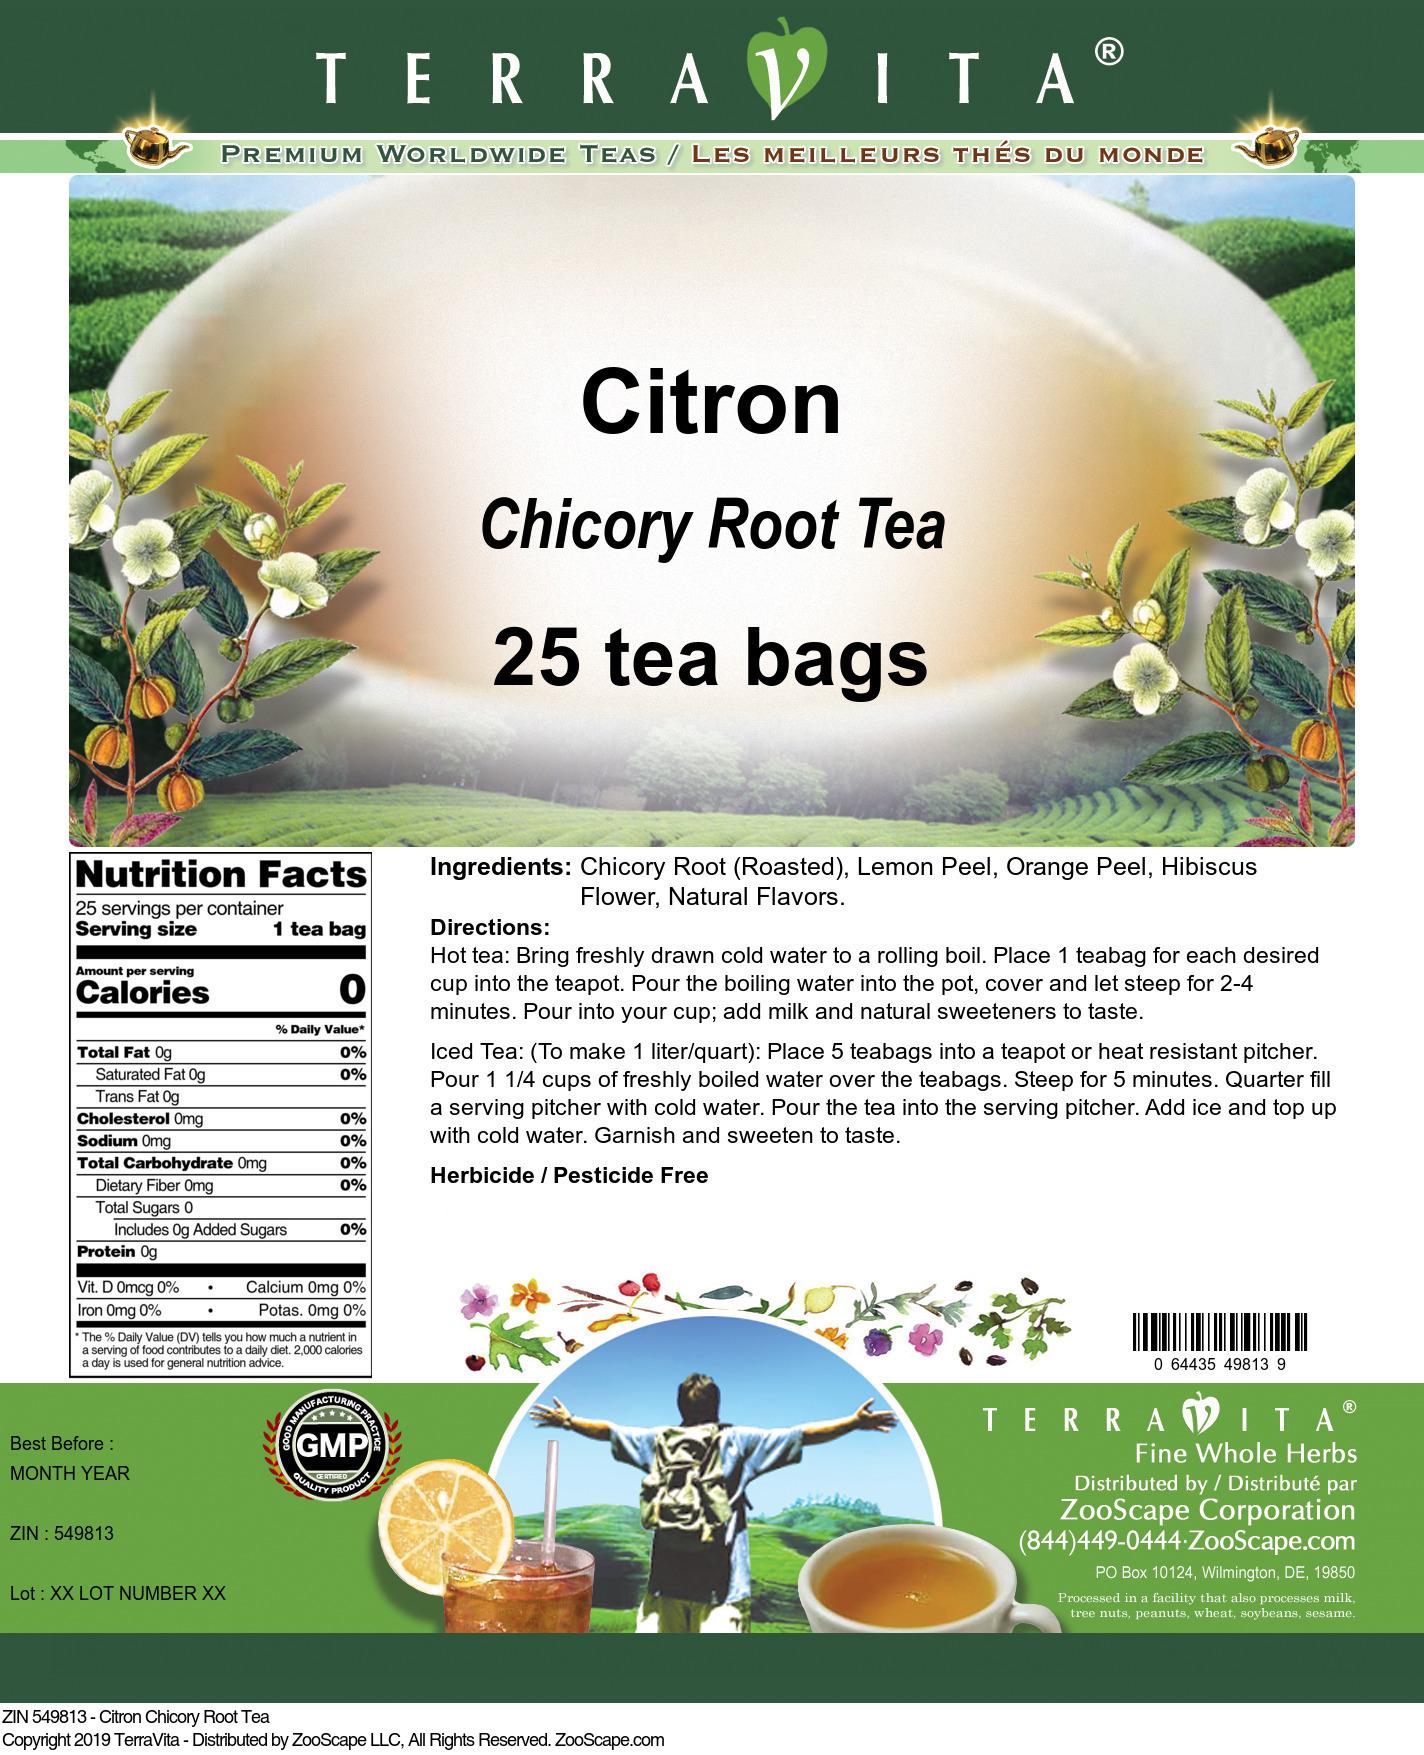 Citron Chicory Root Tea